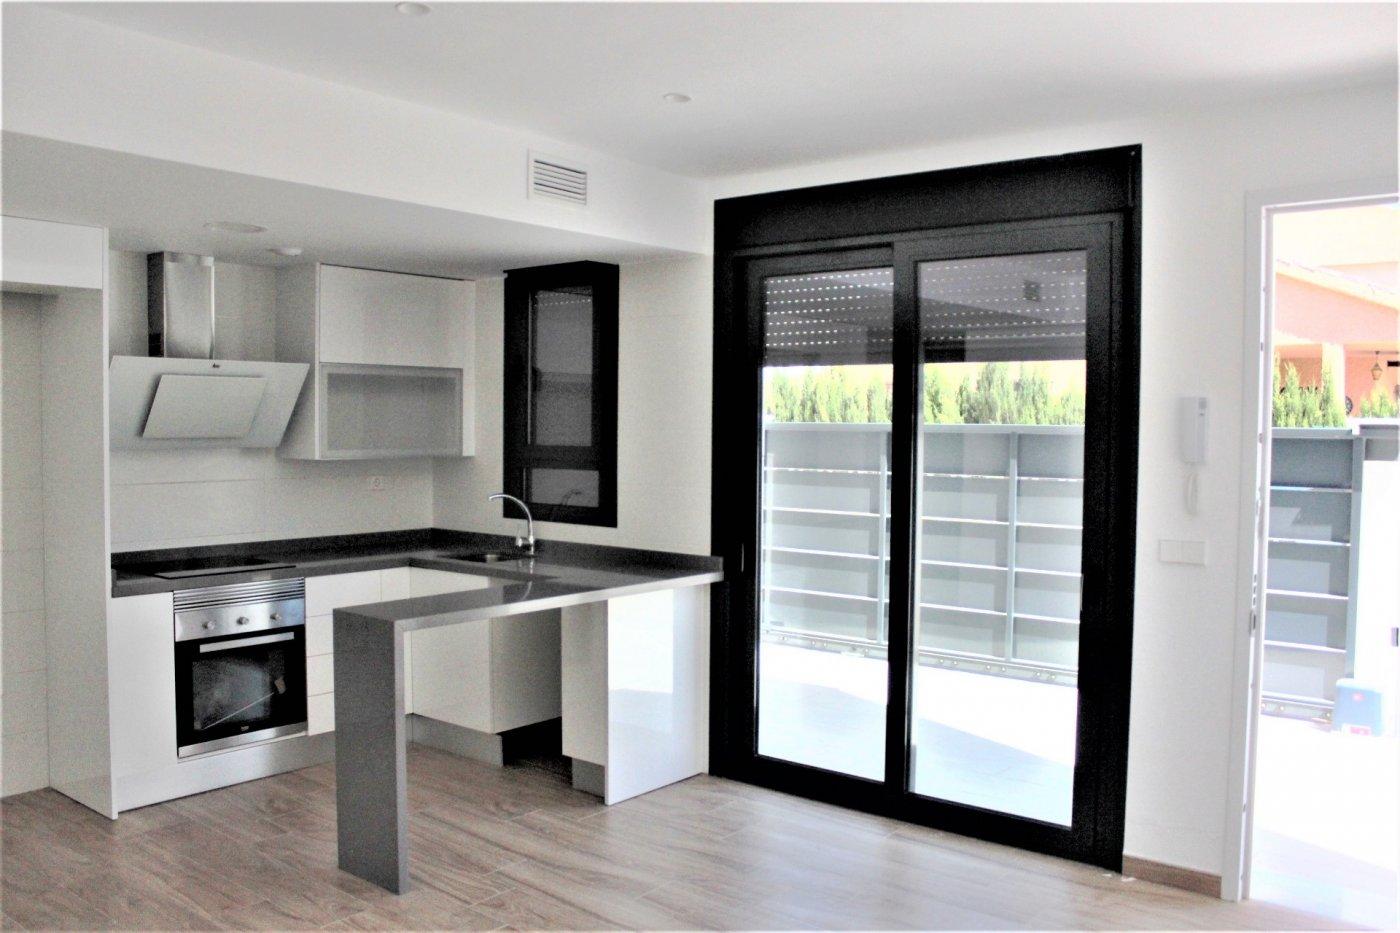 Moderno apartamento planta baja en el mojón - imagenInmueble4